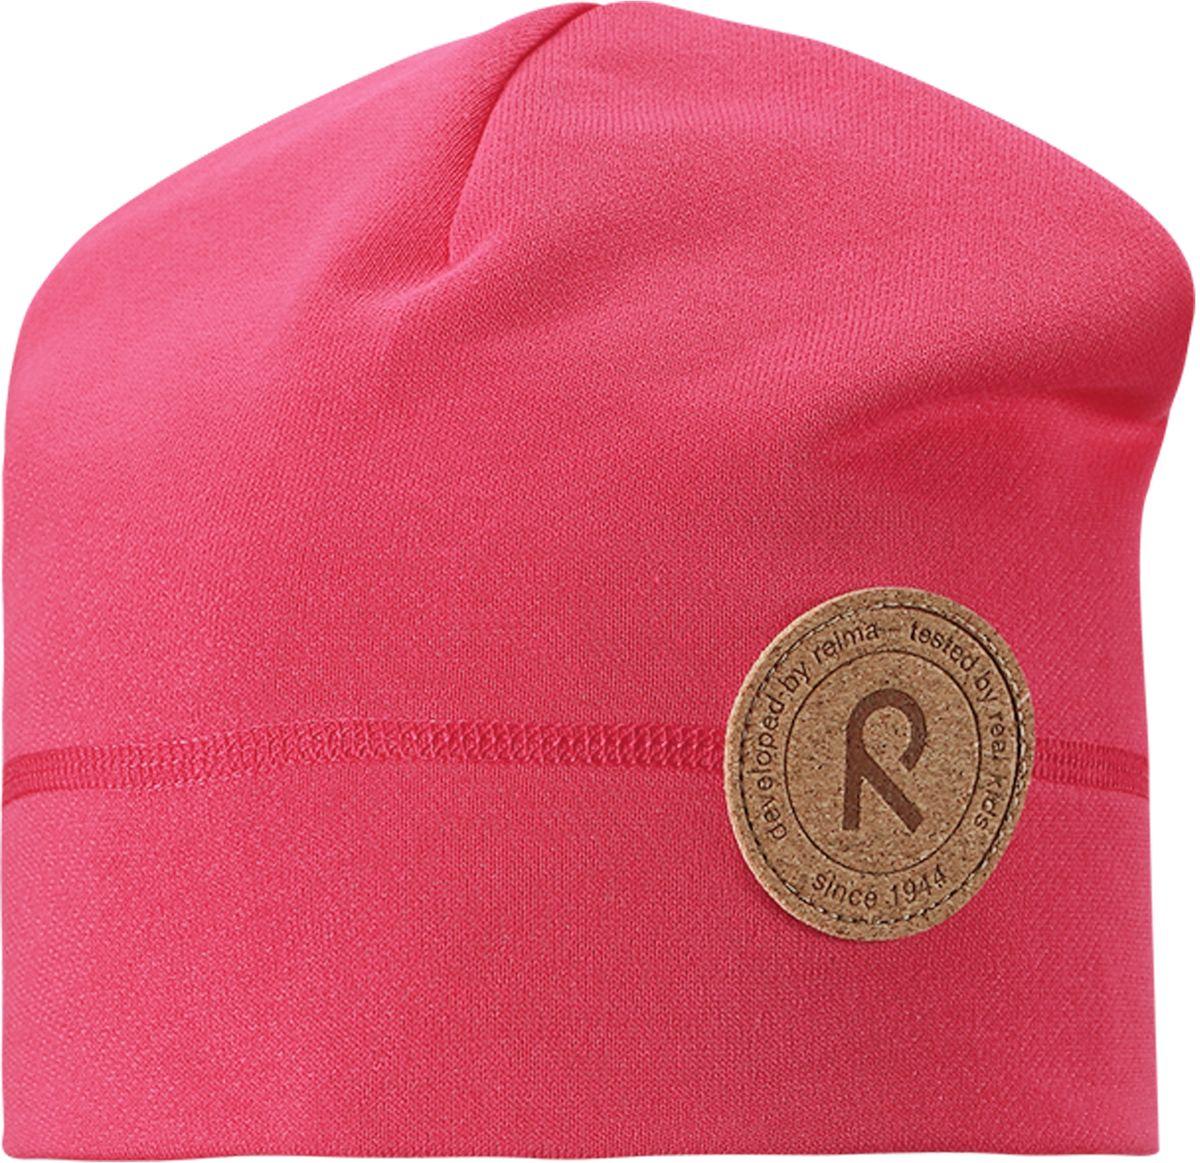 Шапка детская528520-3360Модная и удобная шапка для малышей и детей постарше со степенью УФ-защиты 50+. Она изготовлена из эластичного и дышащего материала, который быстро сохнет и очень прост в уходе. С изнаночной стороны у этой шапки мягкий и теплый плюш.